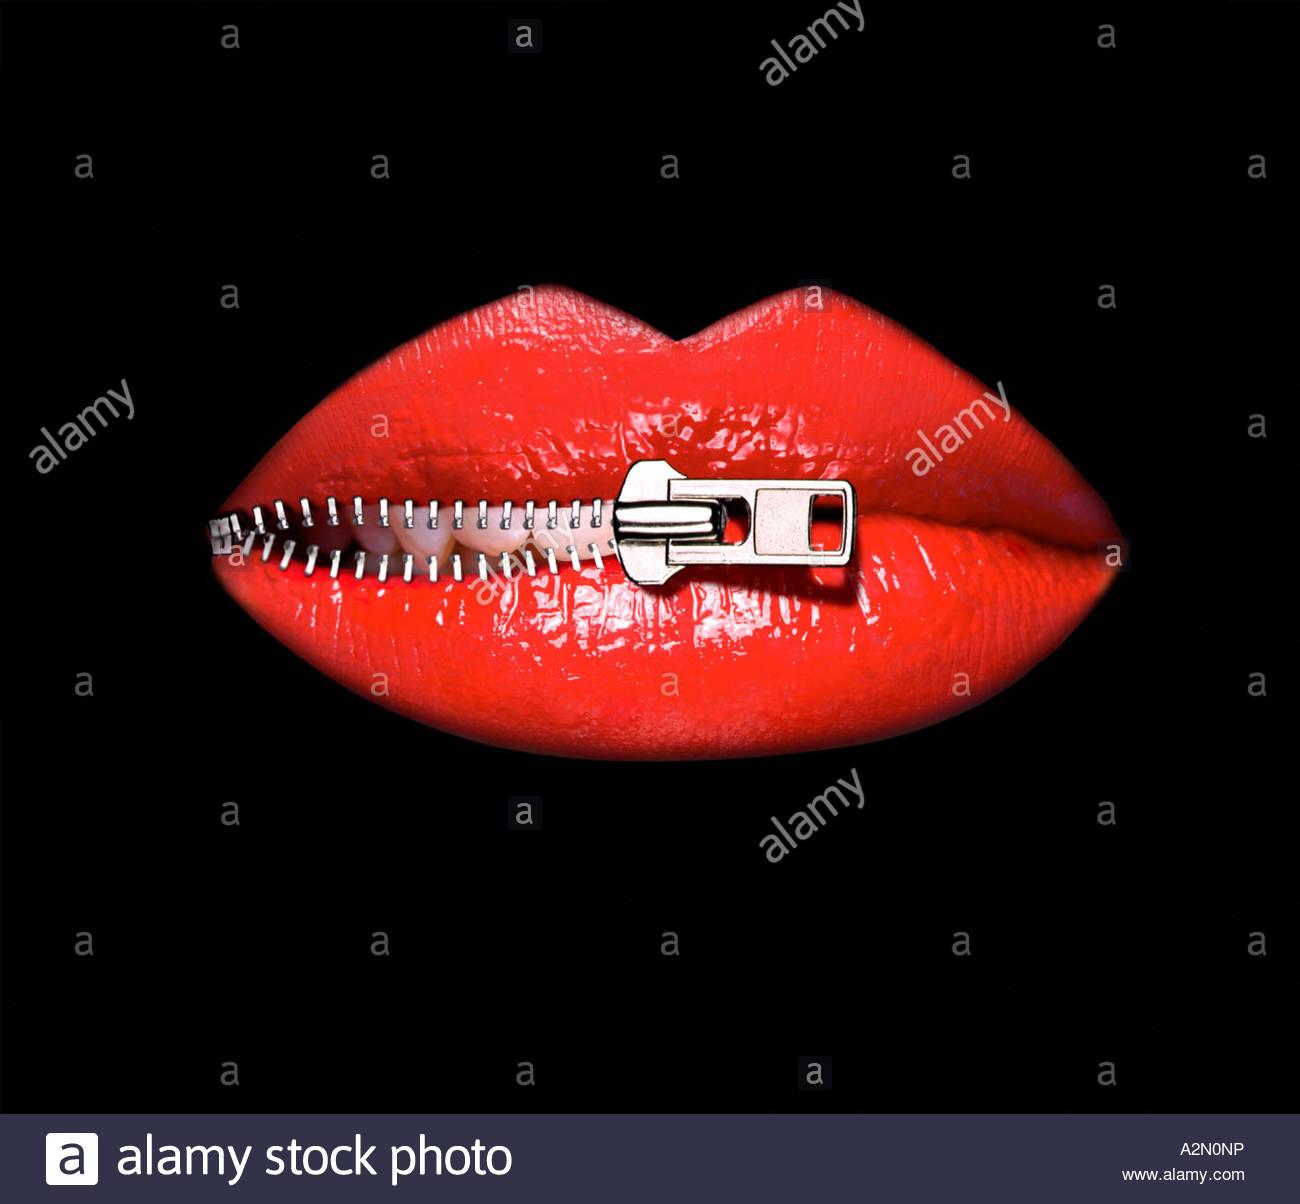 Image d'une femme de lèvres étant décompressé. Close-up cut-out sur un fond noir Photo Stock